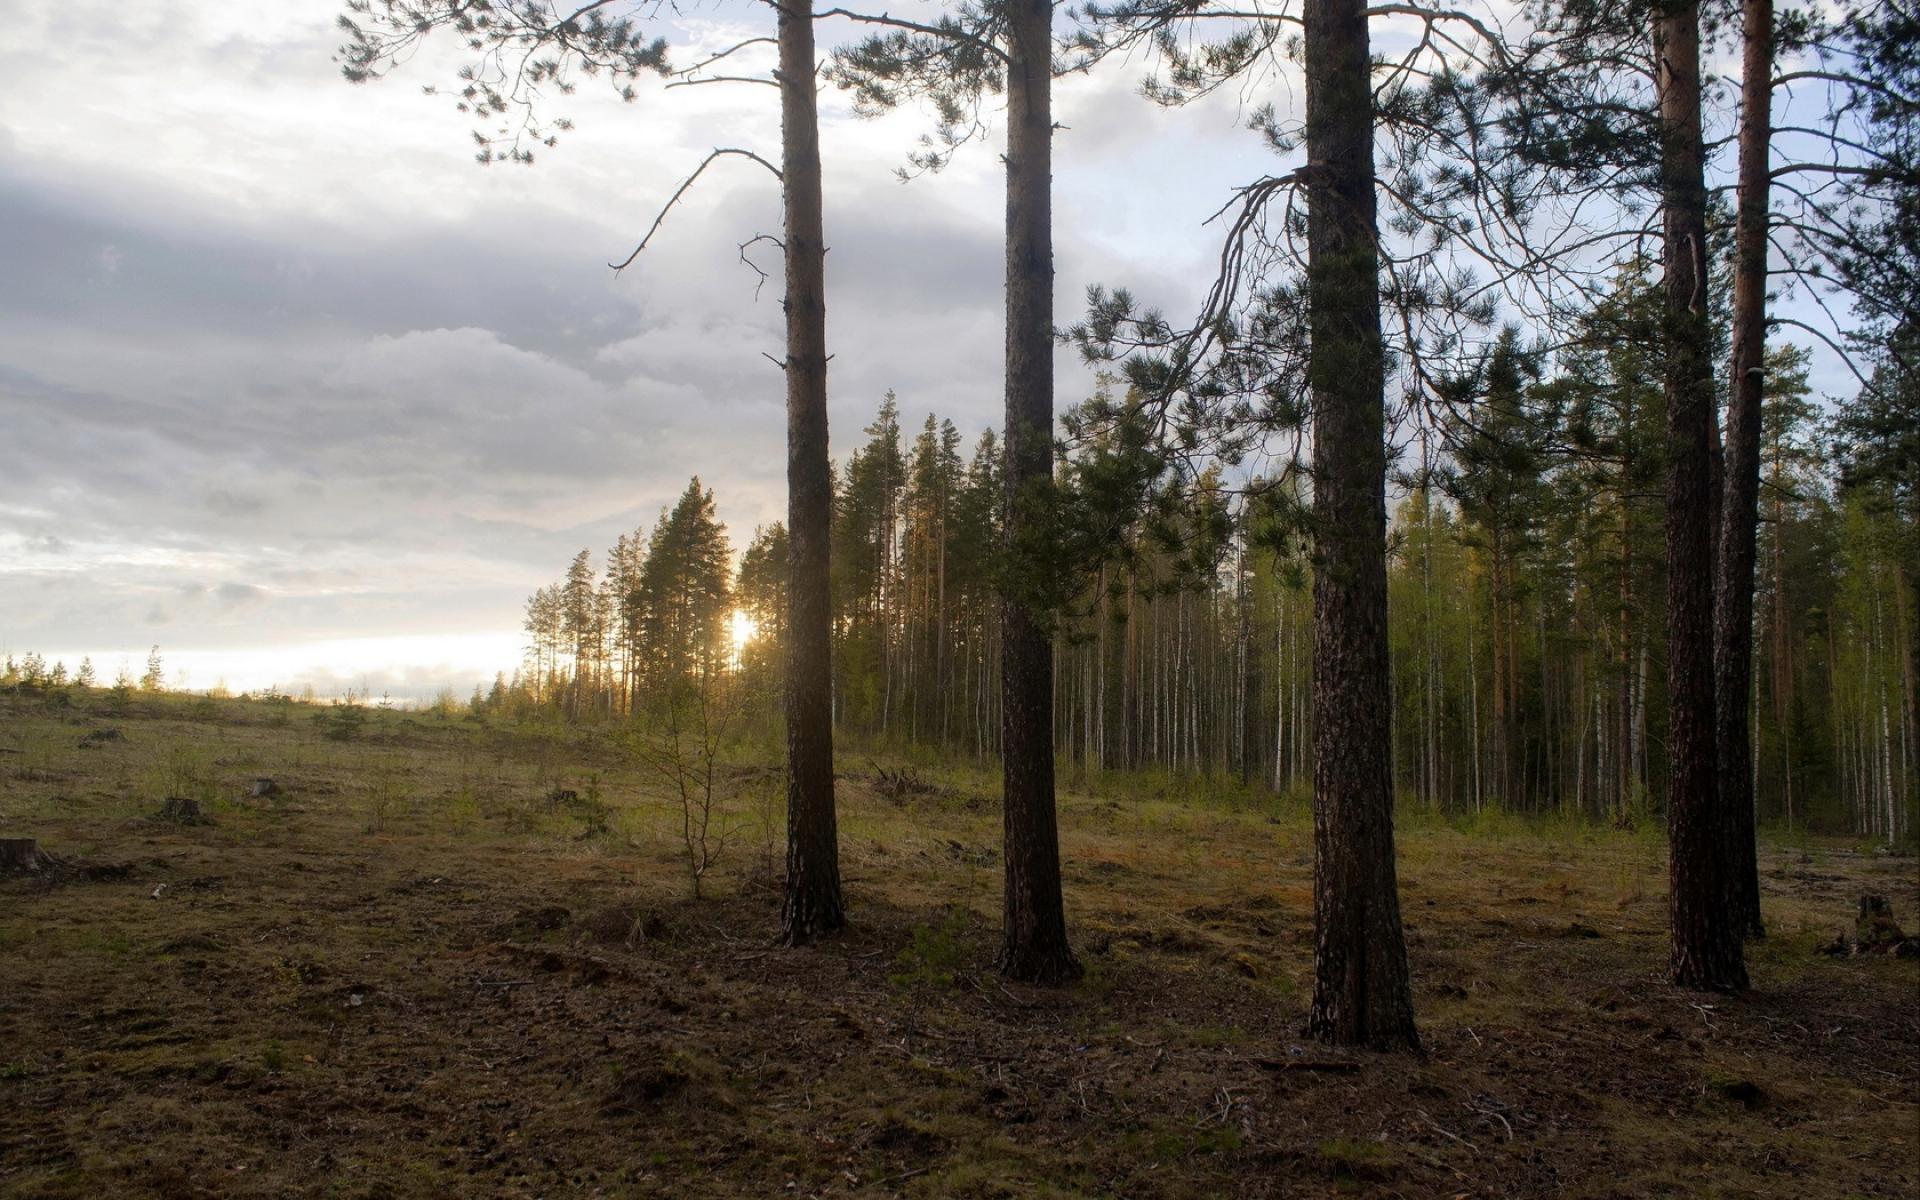 Картинки Дерево, край, деревья, спад, пейзаж, сосны фото и обои на рабочий стол